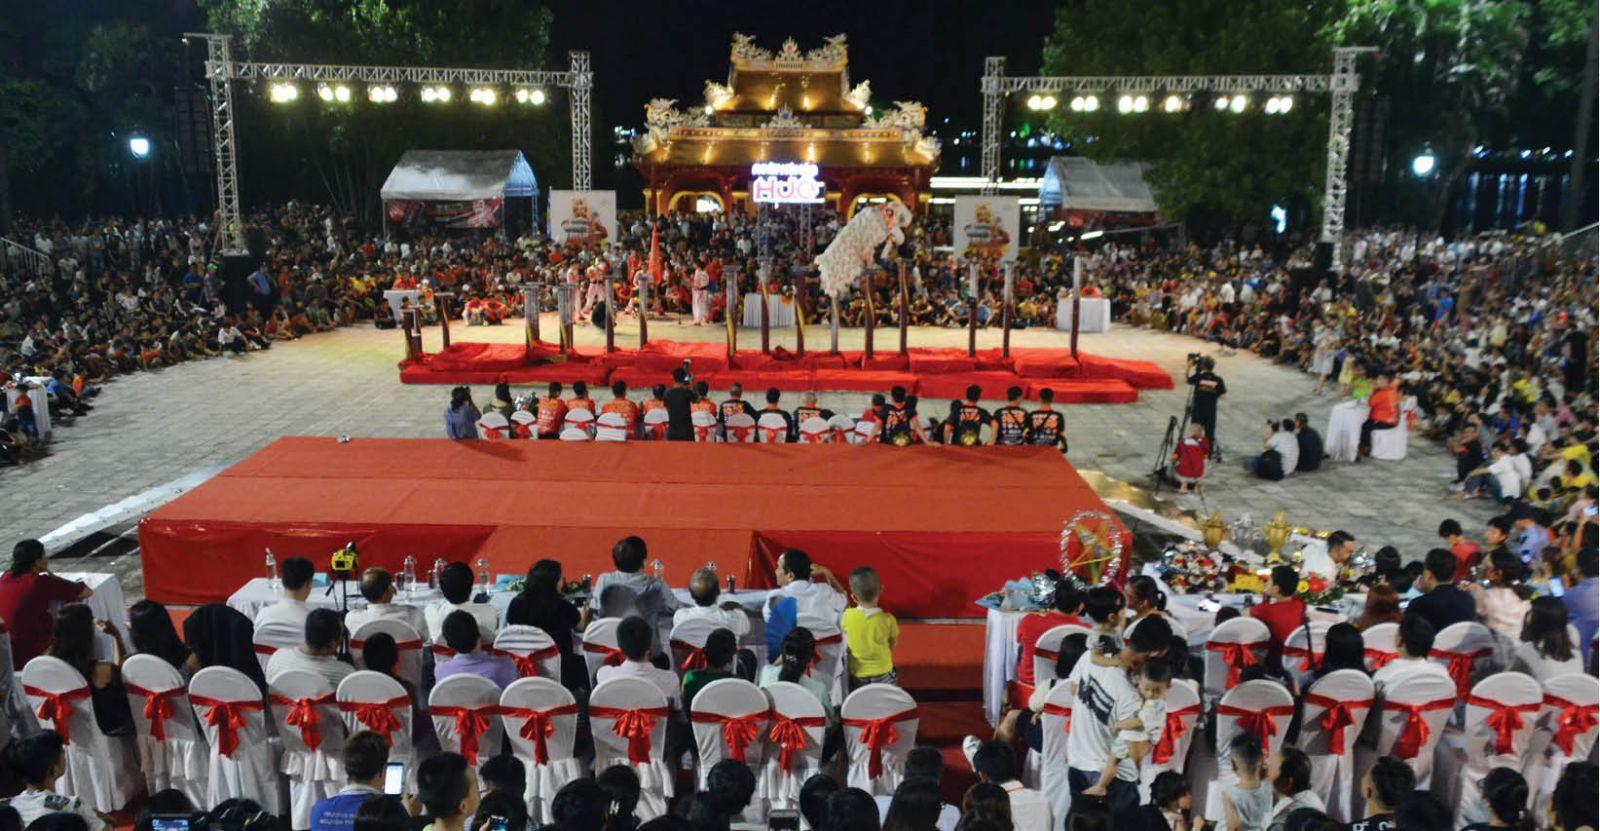 Thừa Thiên Huế: Tạo điểm nhấn thu hút khách bằng sự kiện, lễ hội